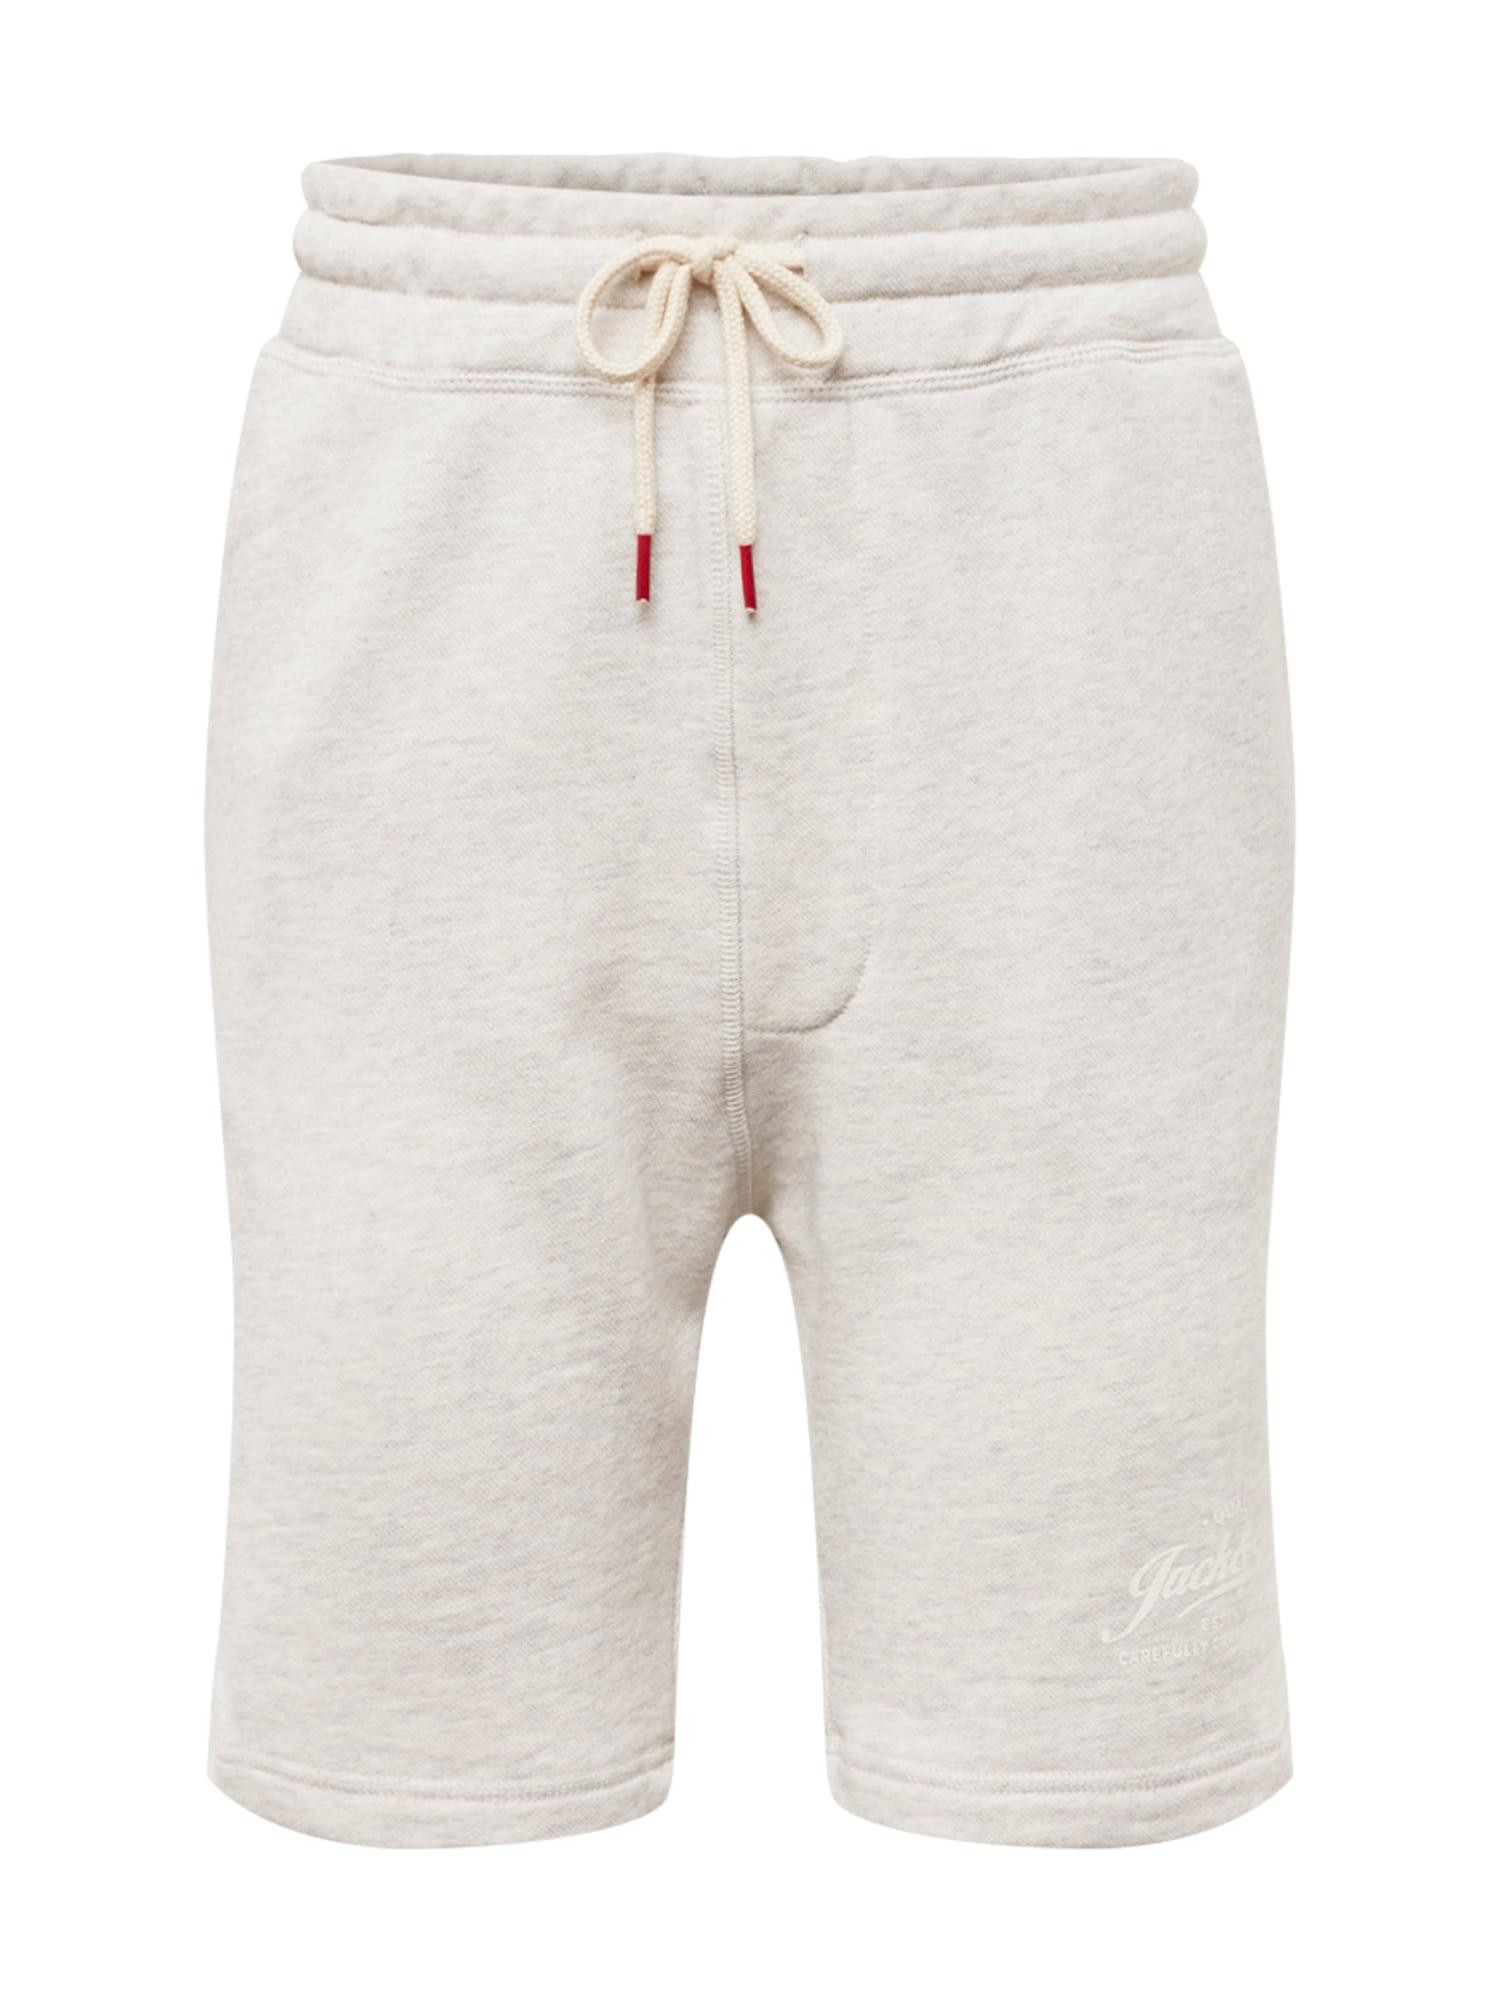 Kalhoty JJEMELANGE SWEAT SHORTS STS perlově bílá JACK & JONES